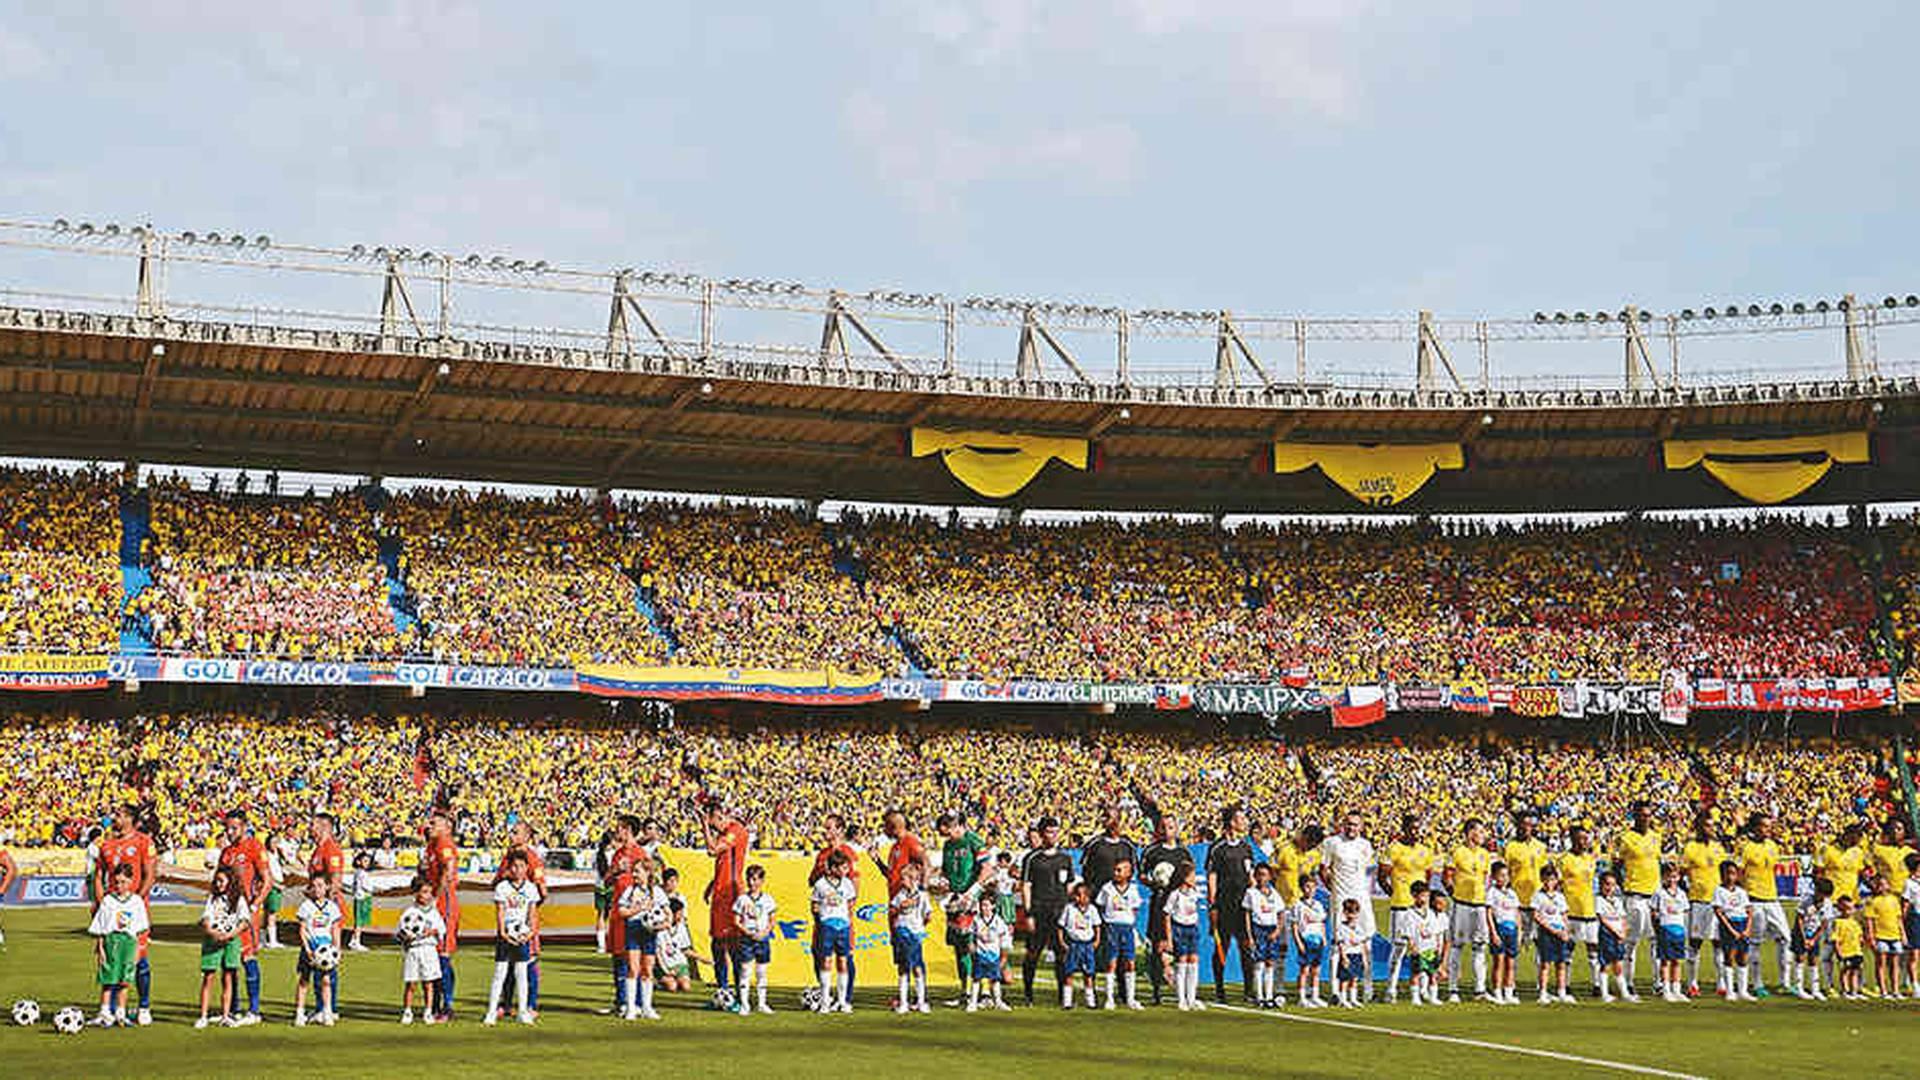 El Estadio Metropolitano de Barranquilla, el templo de la Selección Colombia